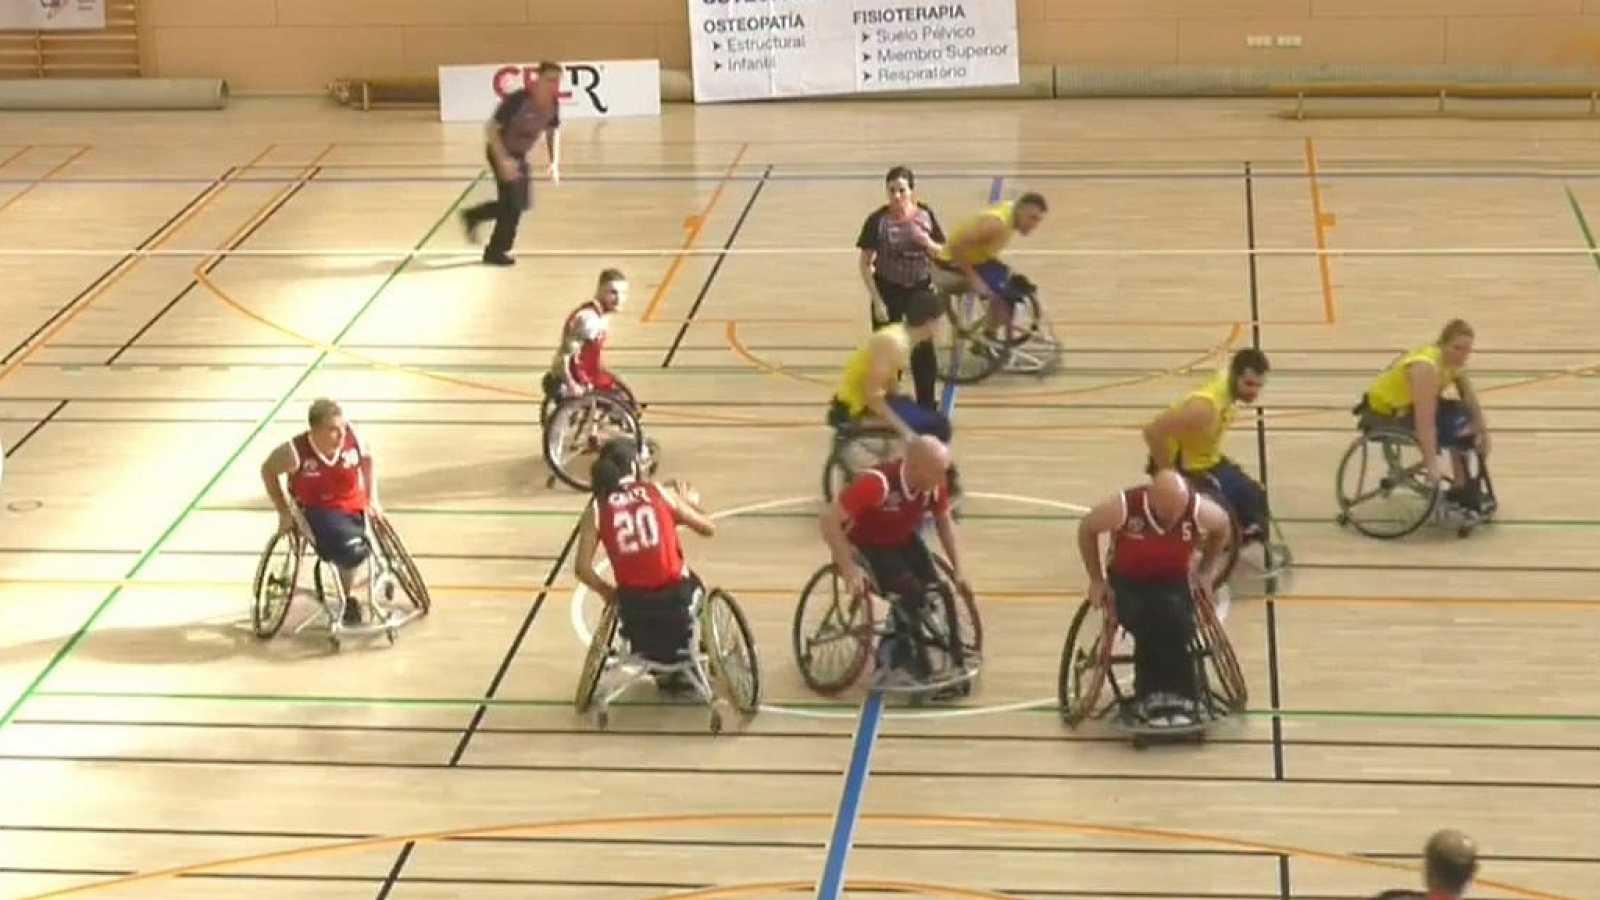 Baloncesto en silla de ruedas - Liga nacional. Resumen - 19/02/20 - ver ahora